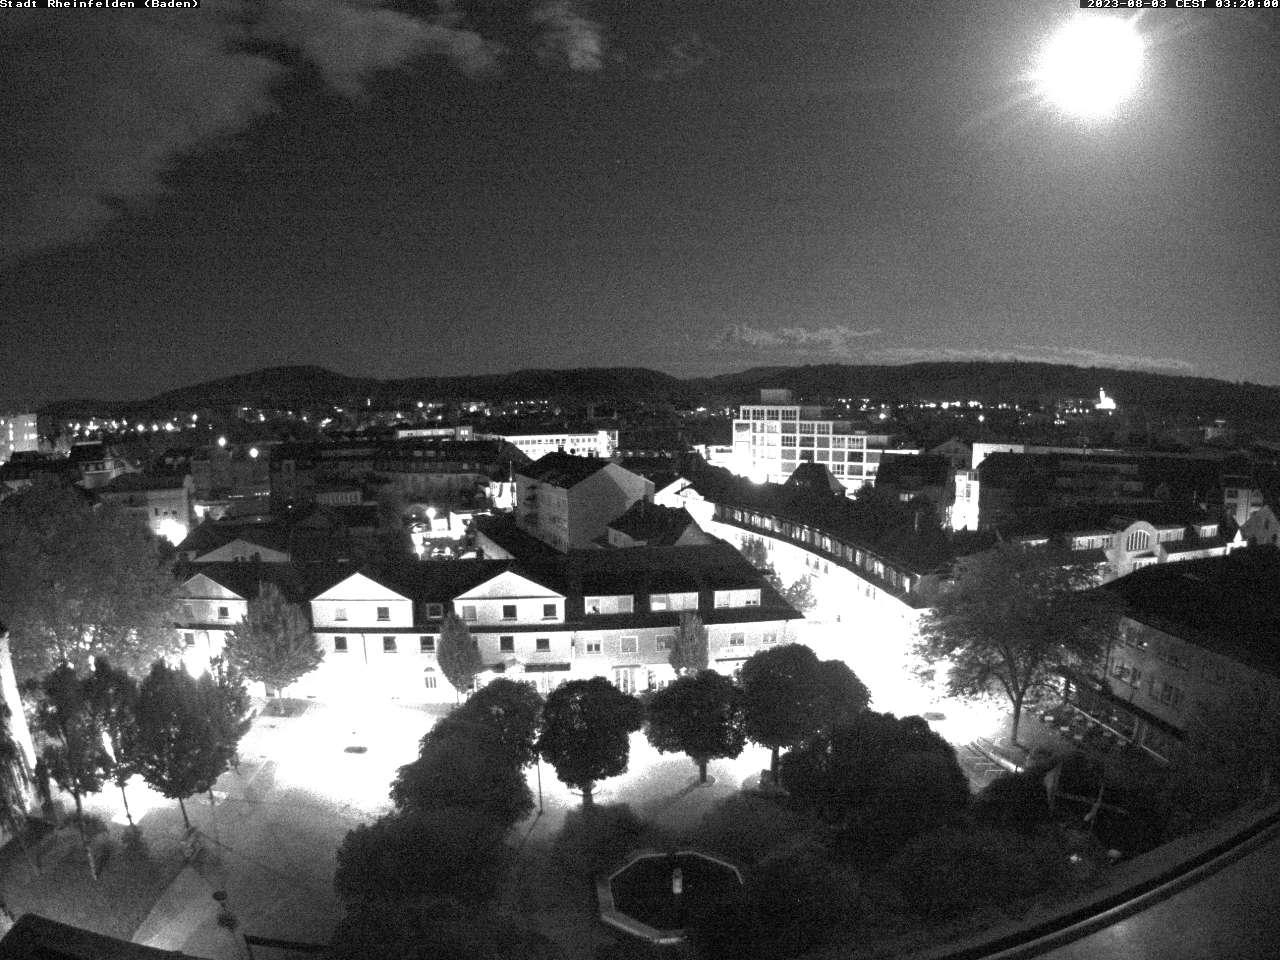 Blick vom Rathaus auf den Kastanienplatz und über die Dächer von Rheinfelden in Richtung Schweiz